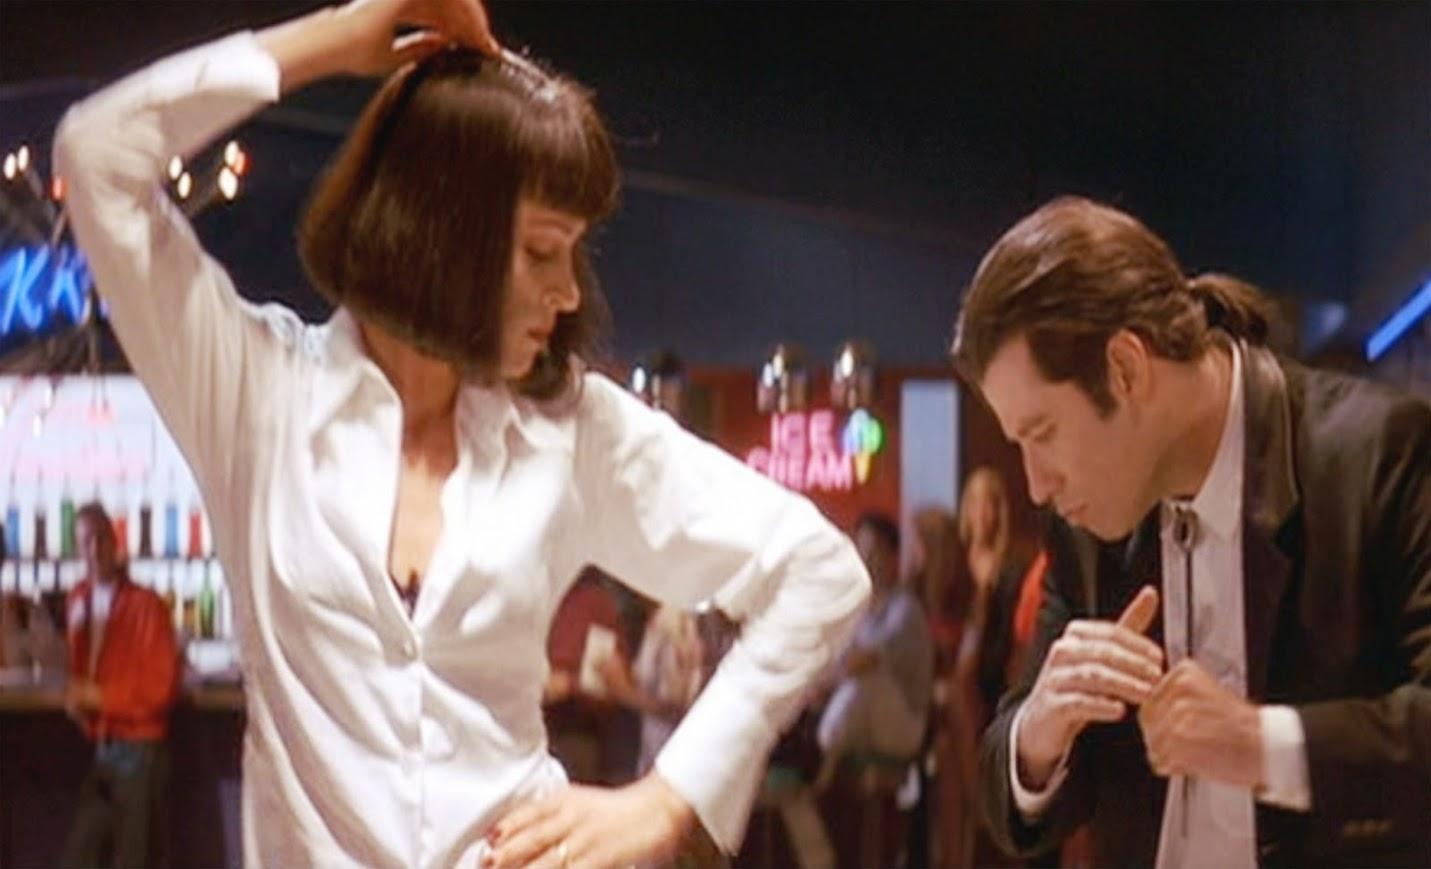 pulp-fiction-dance